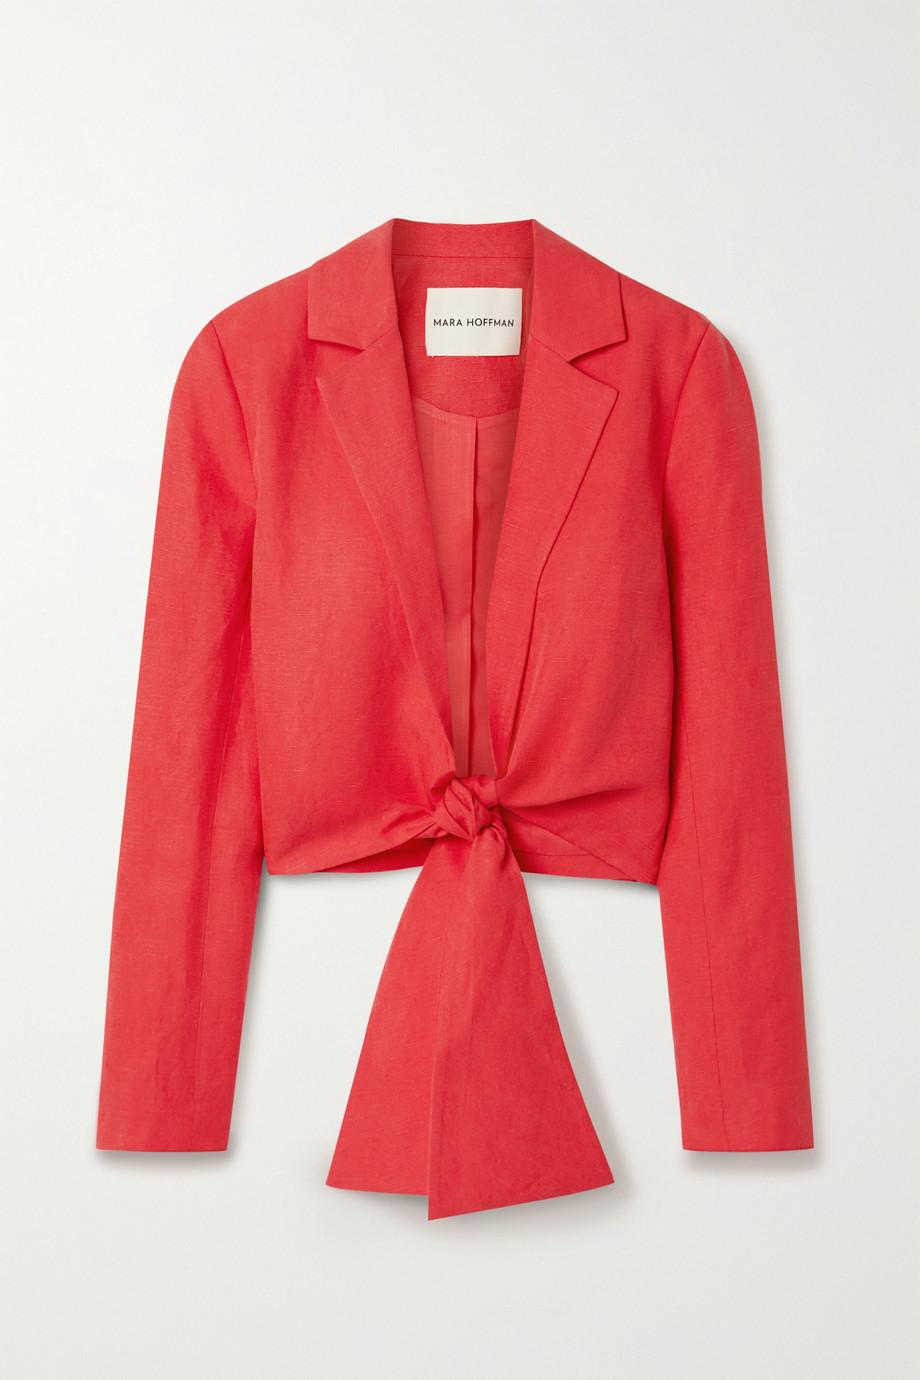 Mara Hoffman + NET SUSTAIN Catalina tie-front Tencel and linen-blend jacket